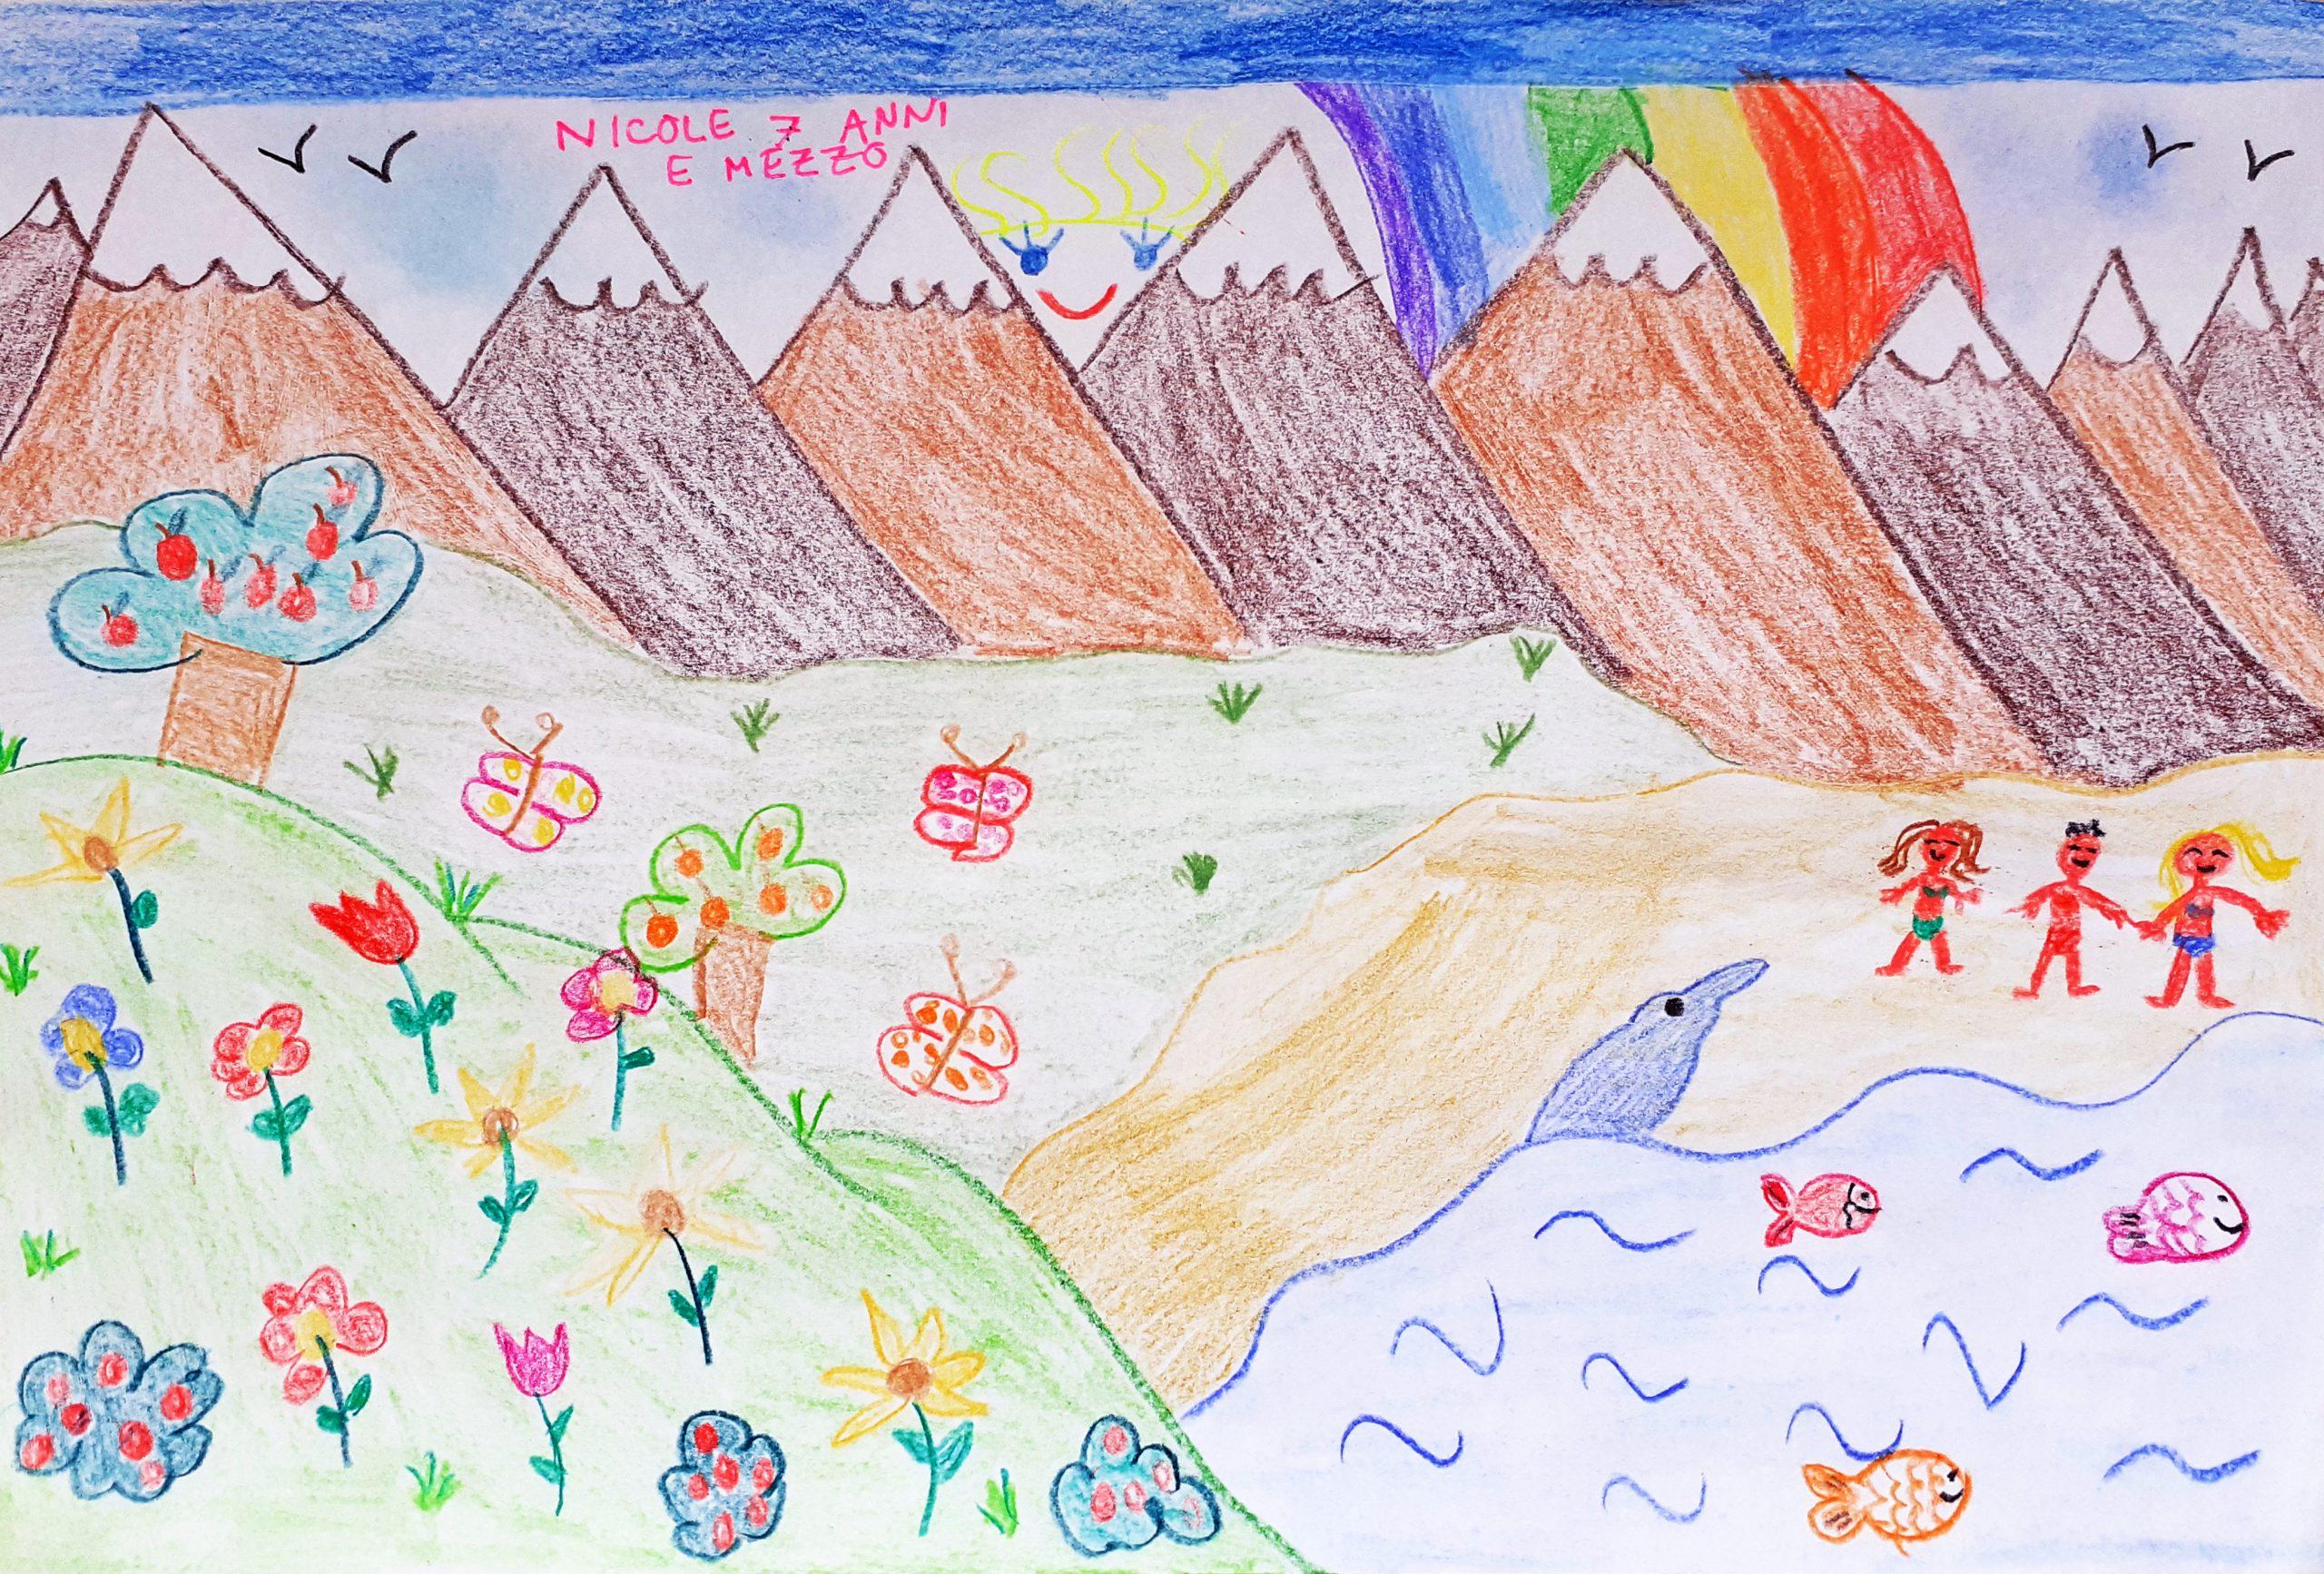 Questo disegno lo ha fatto Nicole (7 anni)